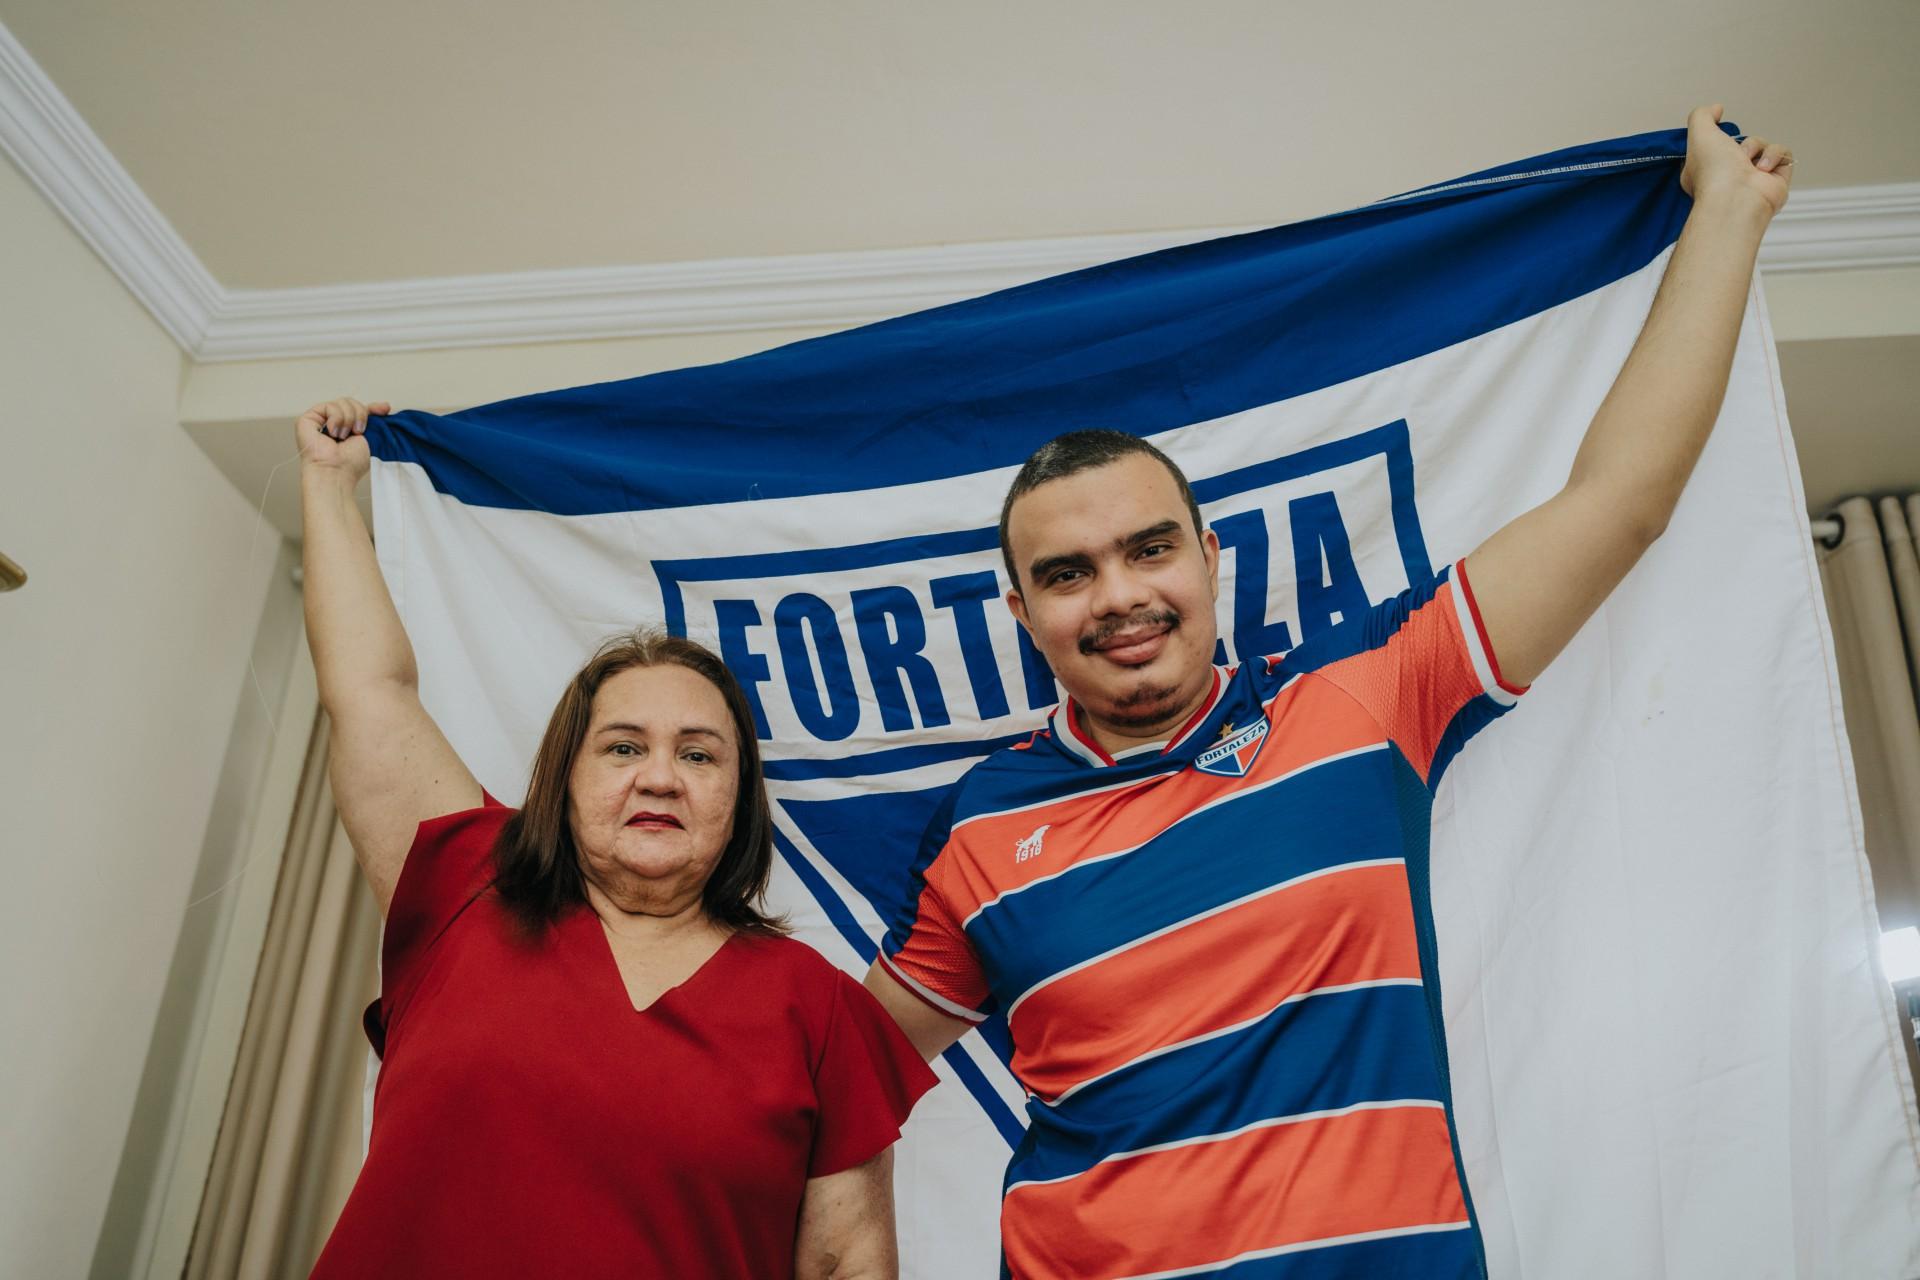 Caio Fernandes, torcedor do Fortaleza, e mãe, Cleide Fernandes